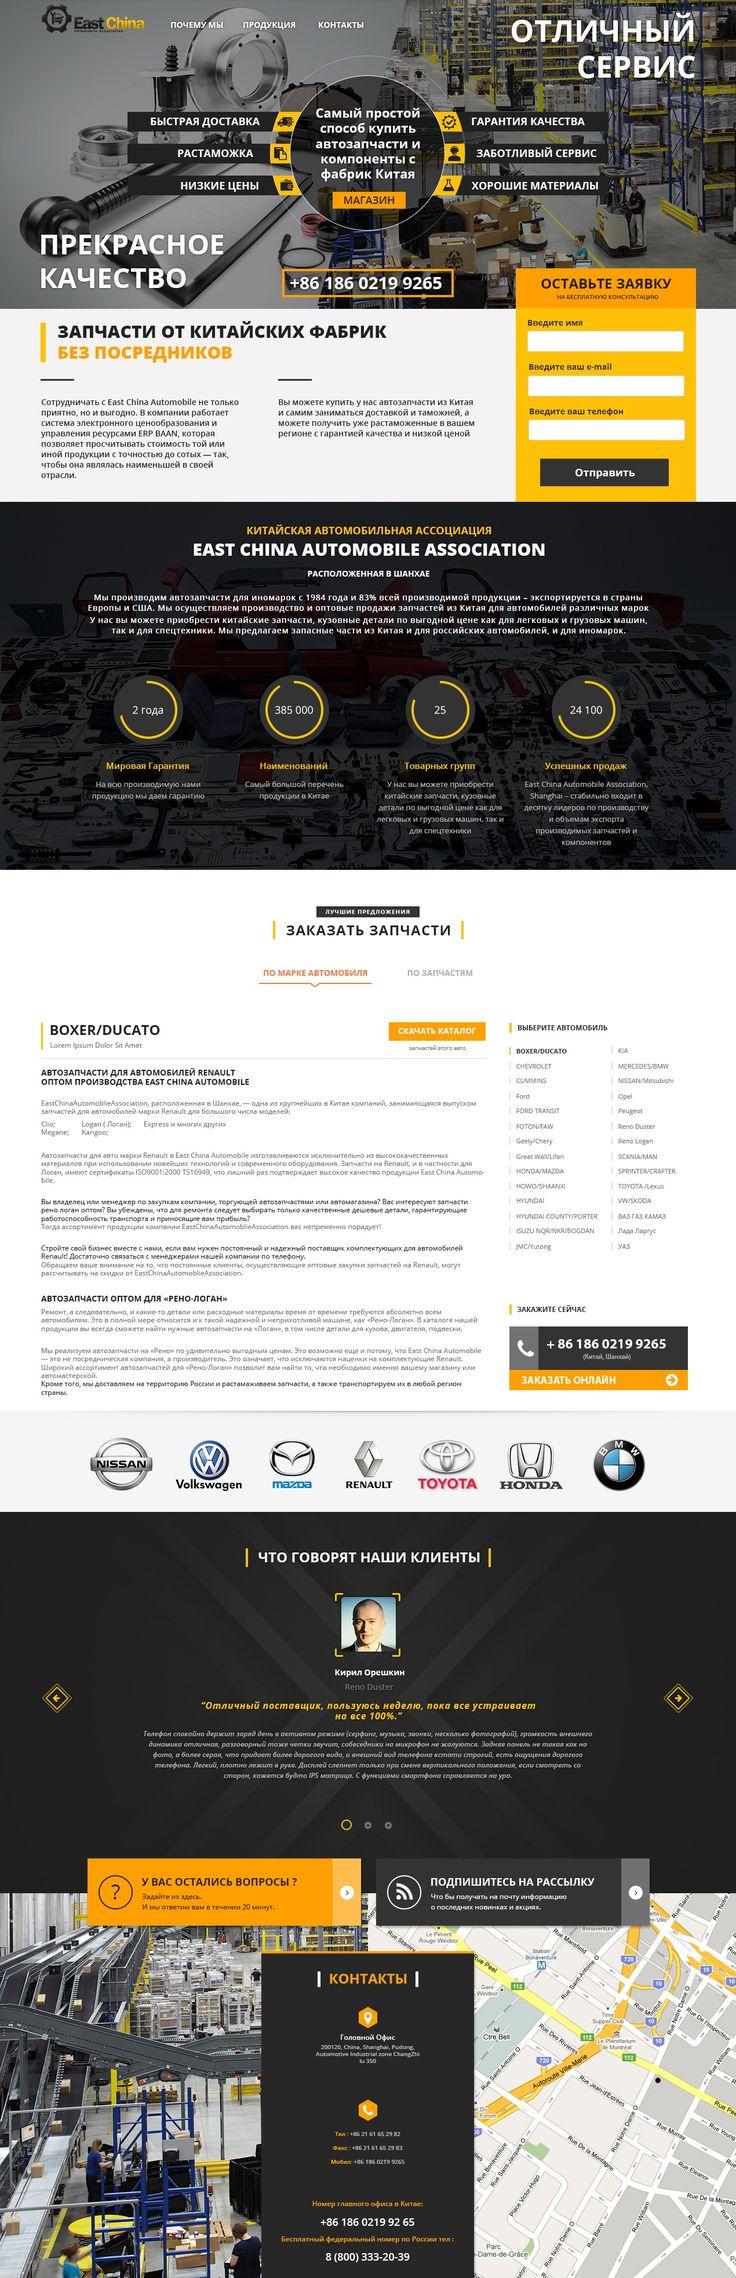 East China Automobile Association — китайская автомобильная ассоциация, расположенная в Шанхае. Компания производит автозапчасти для иномарок с 1984 года и 83% всей производимой продукции – экспортируется в страны Европы и США. На сайте разработан перечень услуг, краткое описание ассоциации, а также форма заказа.